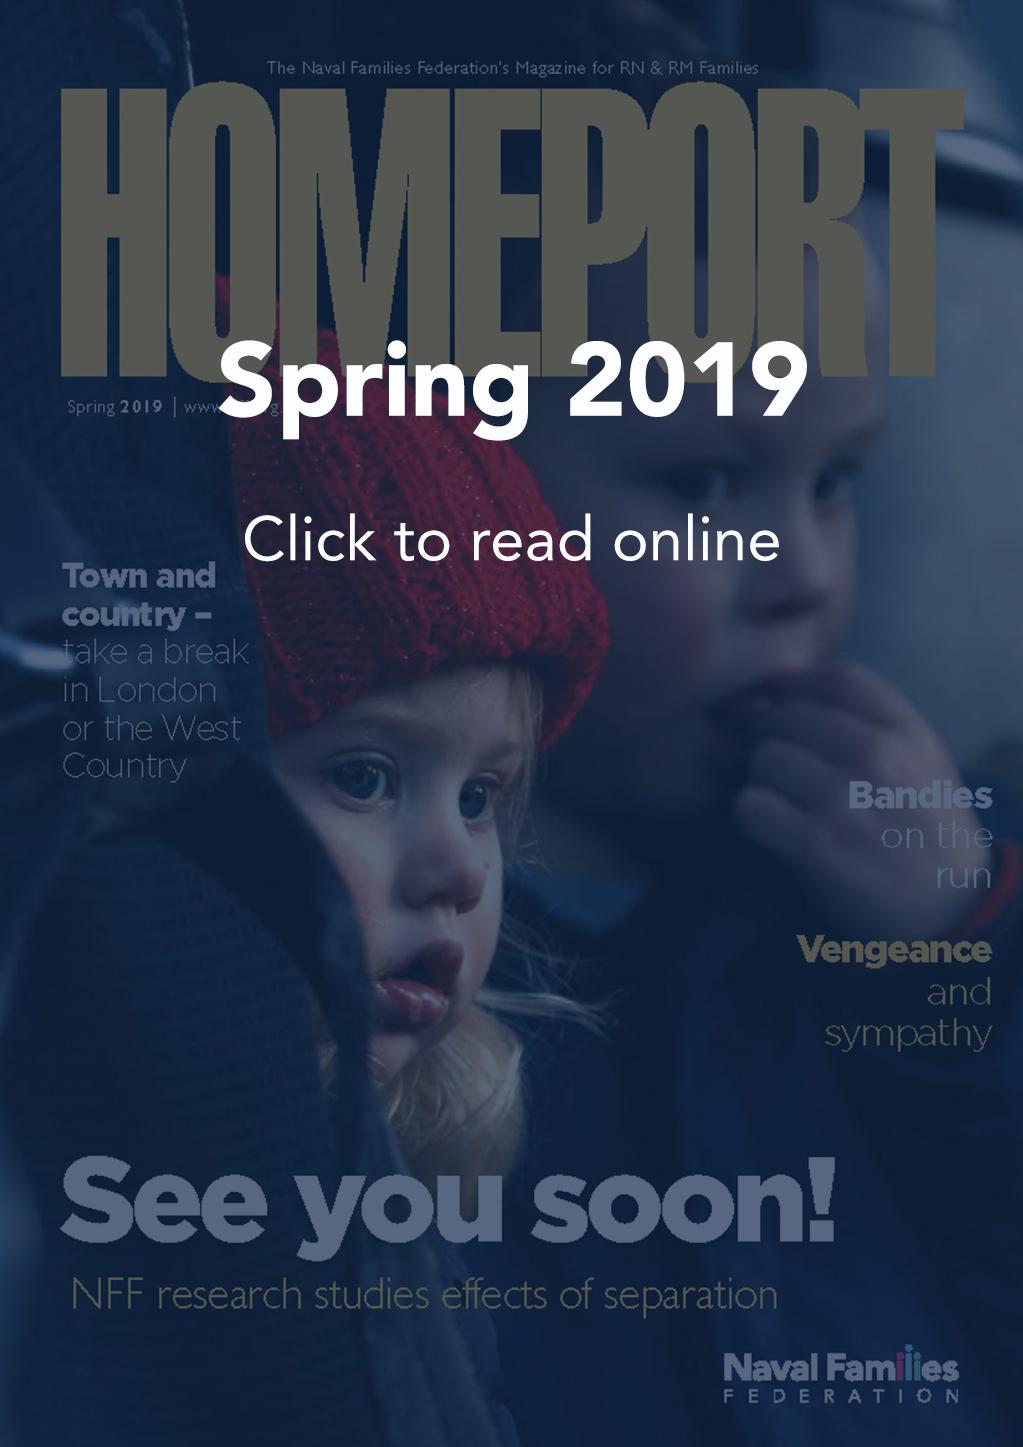 91 2019 Spring